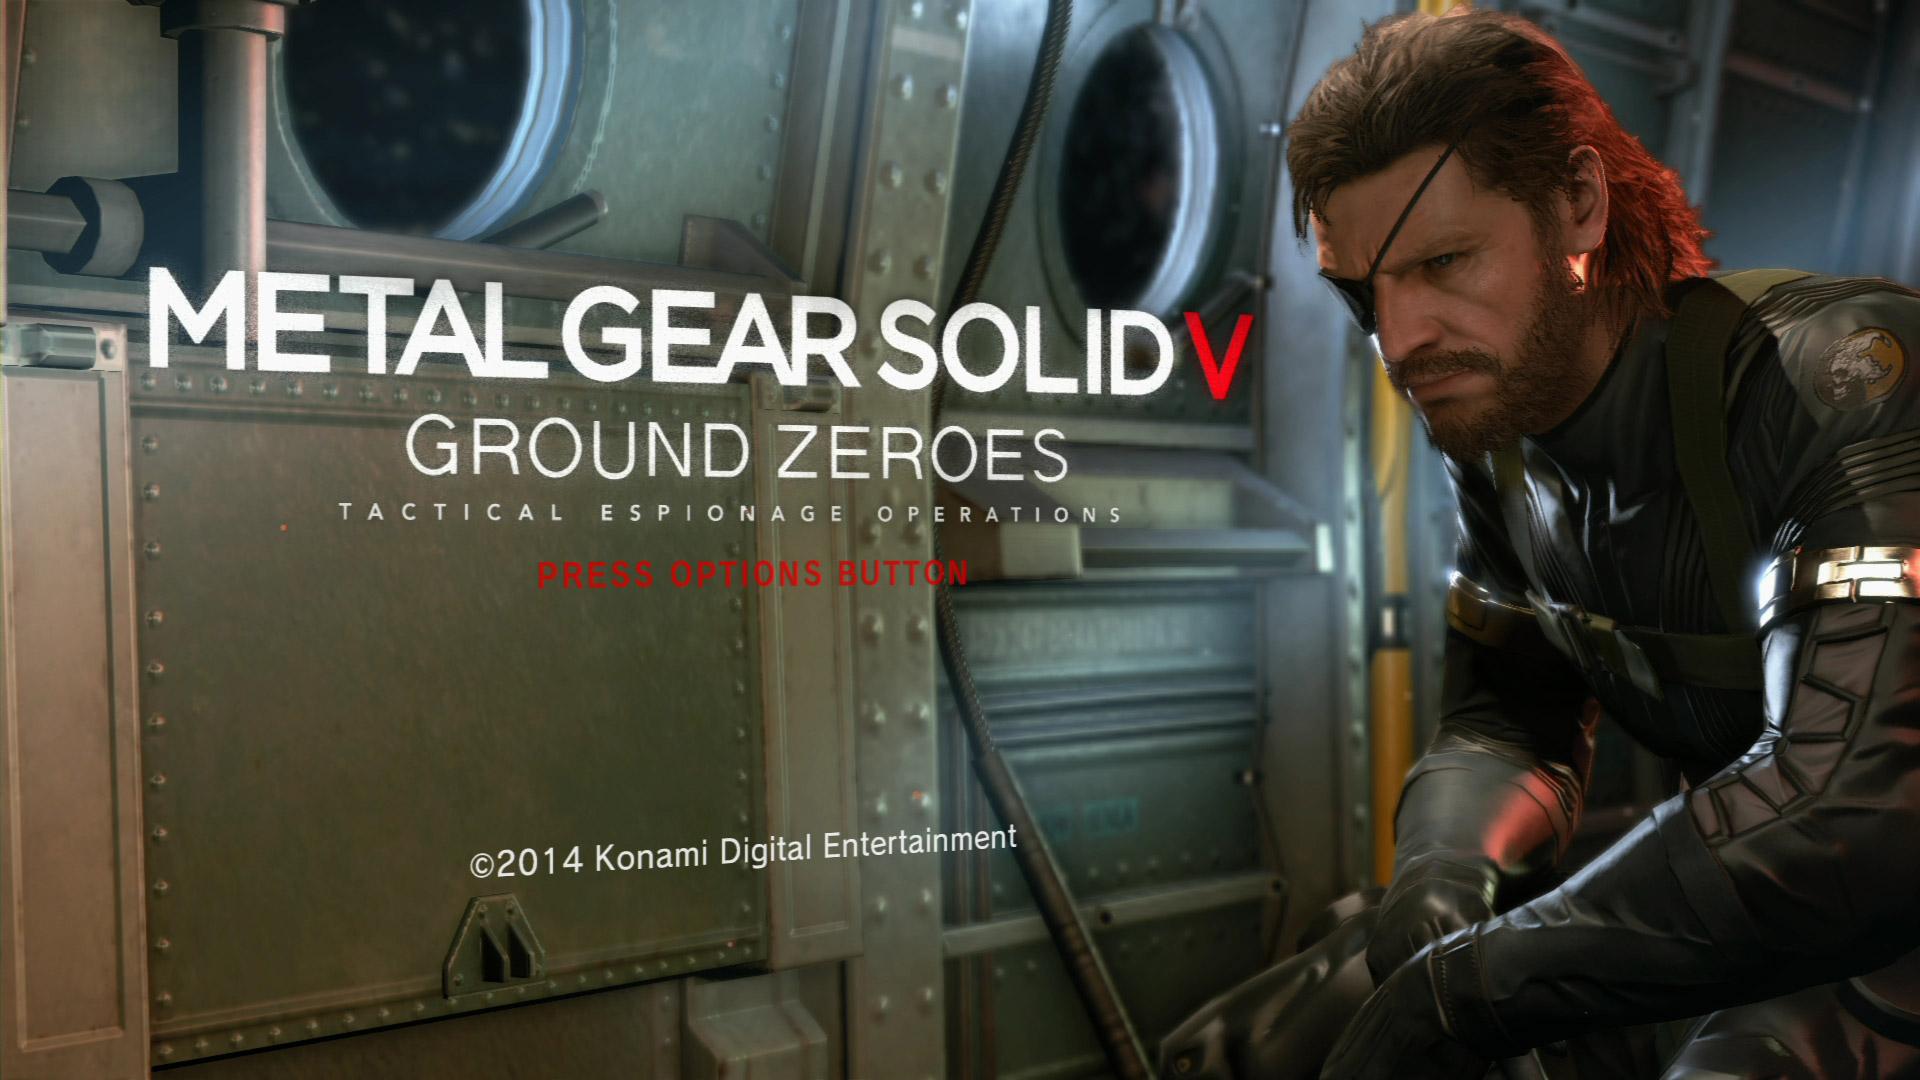 Metal Gear Solid: Ground Zeroes Wallpaper in 1920x1080